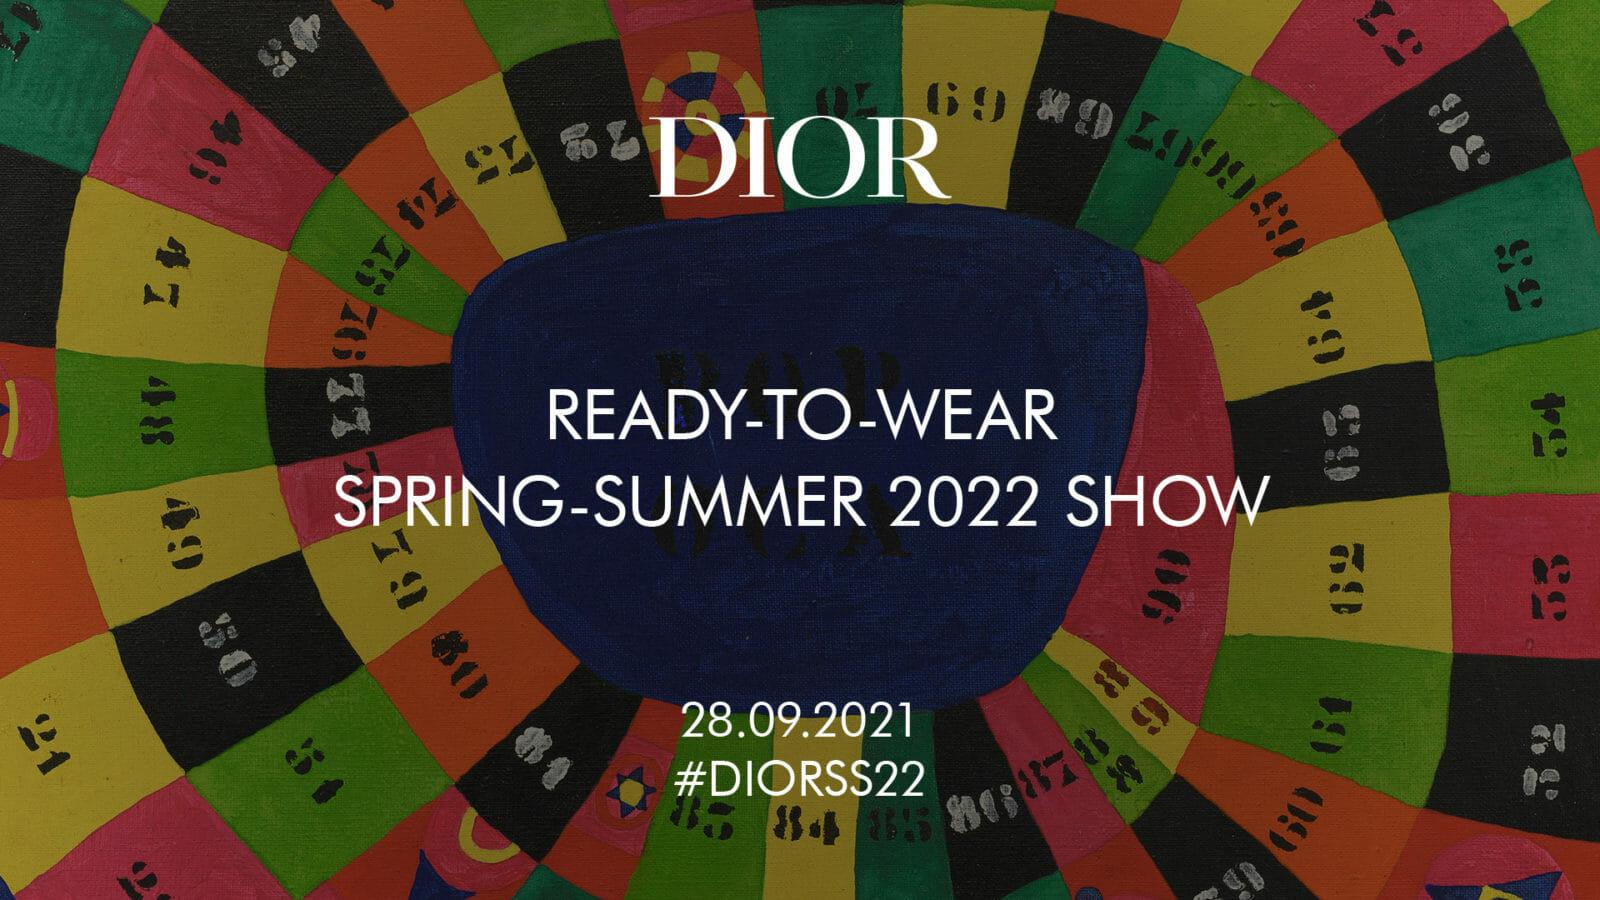 Livestream: Watch Dior Spring/Summer 2022 show here